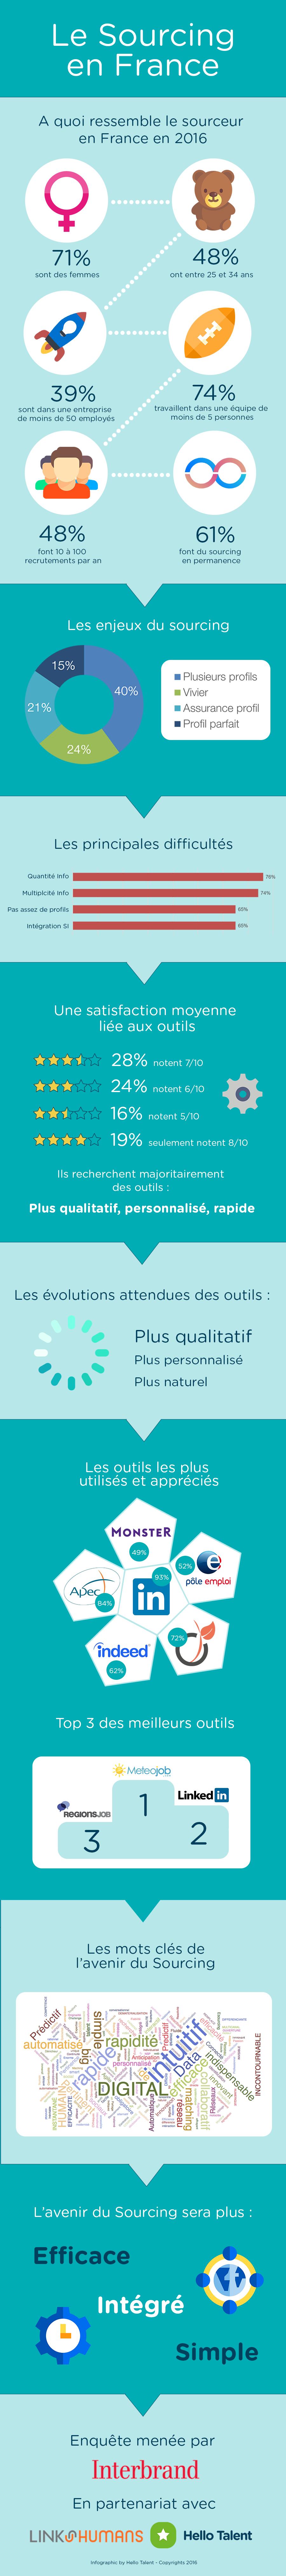 l'etude sourcing-en-france-infographic-hello-talent-v2